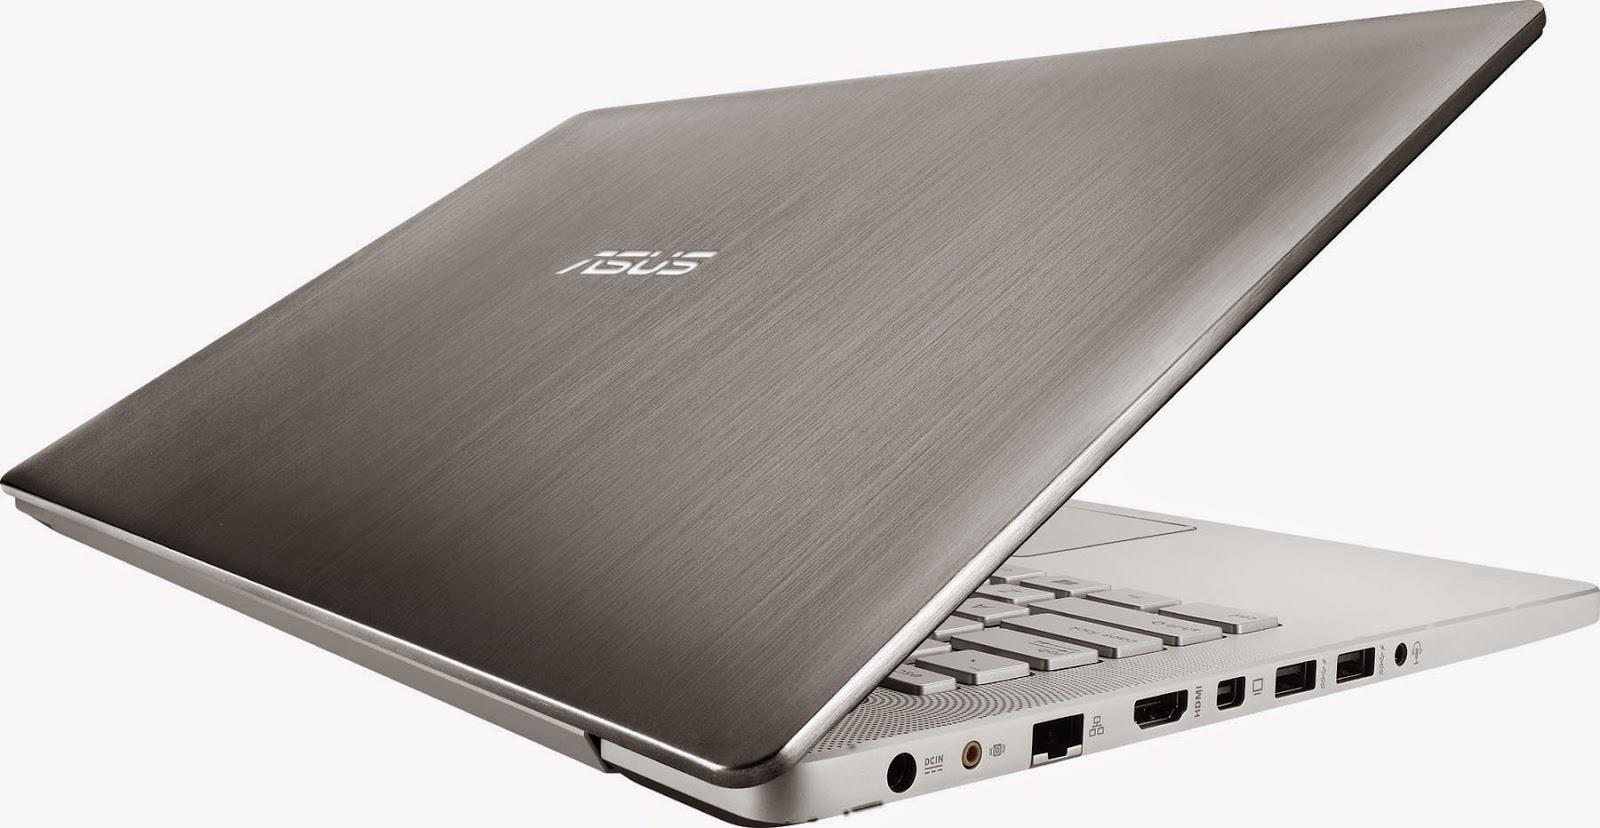 Asus G50V Specs